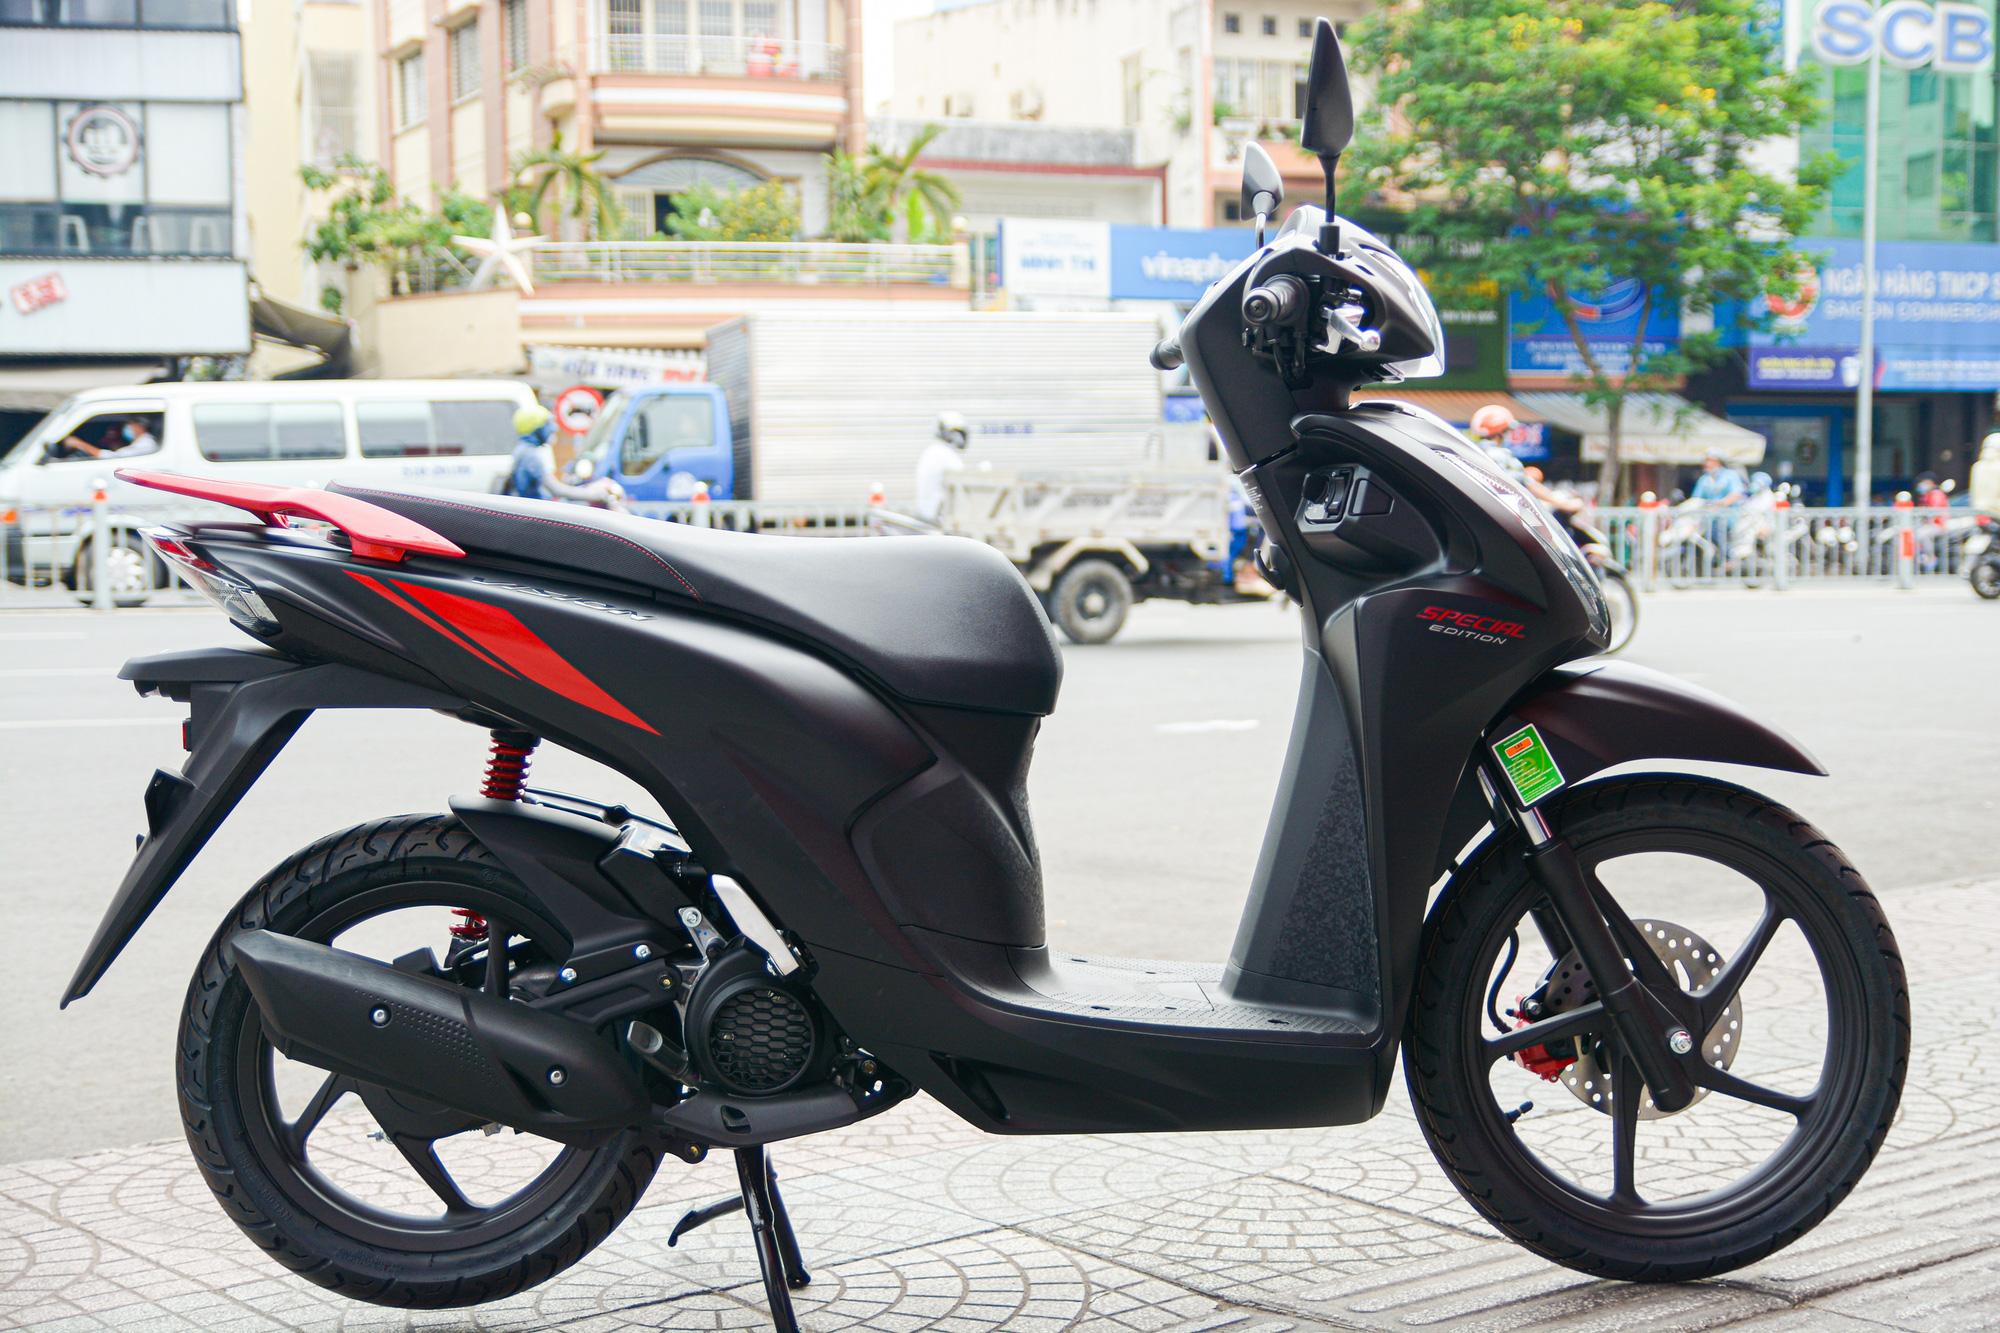 Honda Vision phiên bản mới tiếp tục bị tăng giá bán - Ảnh 1.